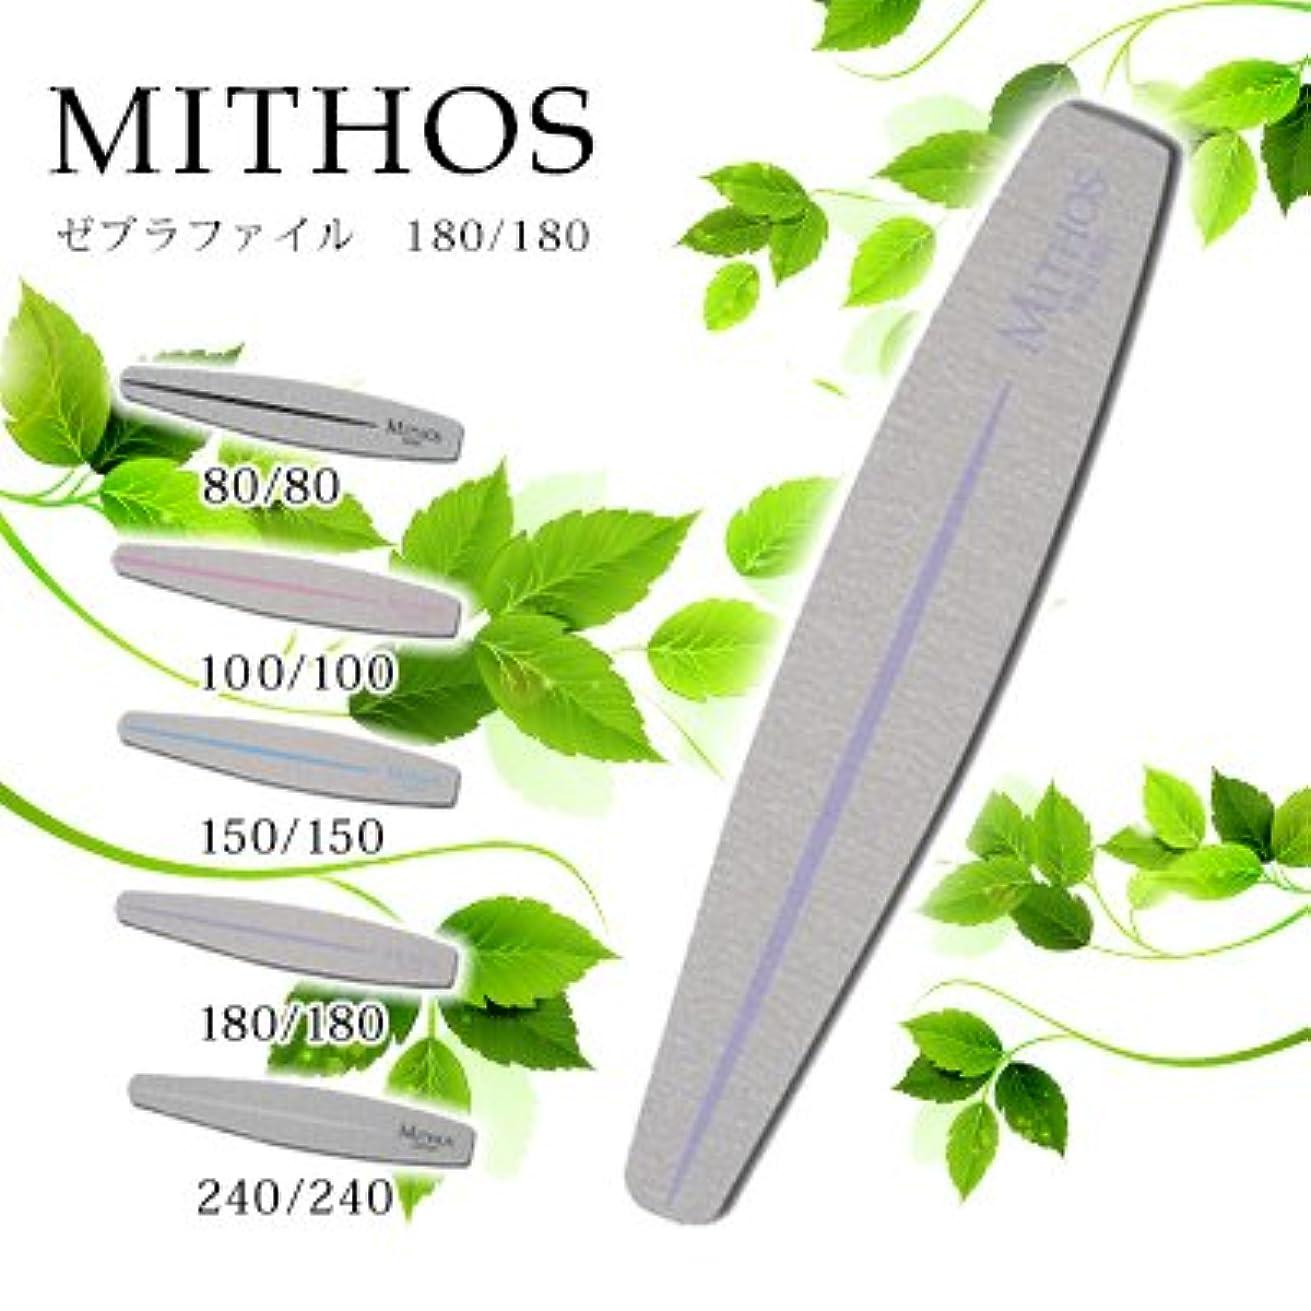 ハックヘアホールドミトス MITHOS セブラファイル 180/180